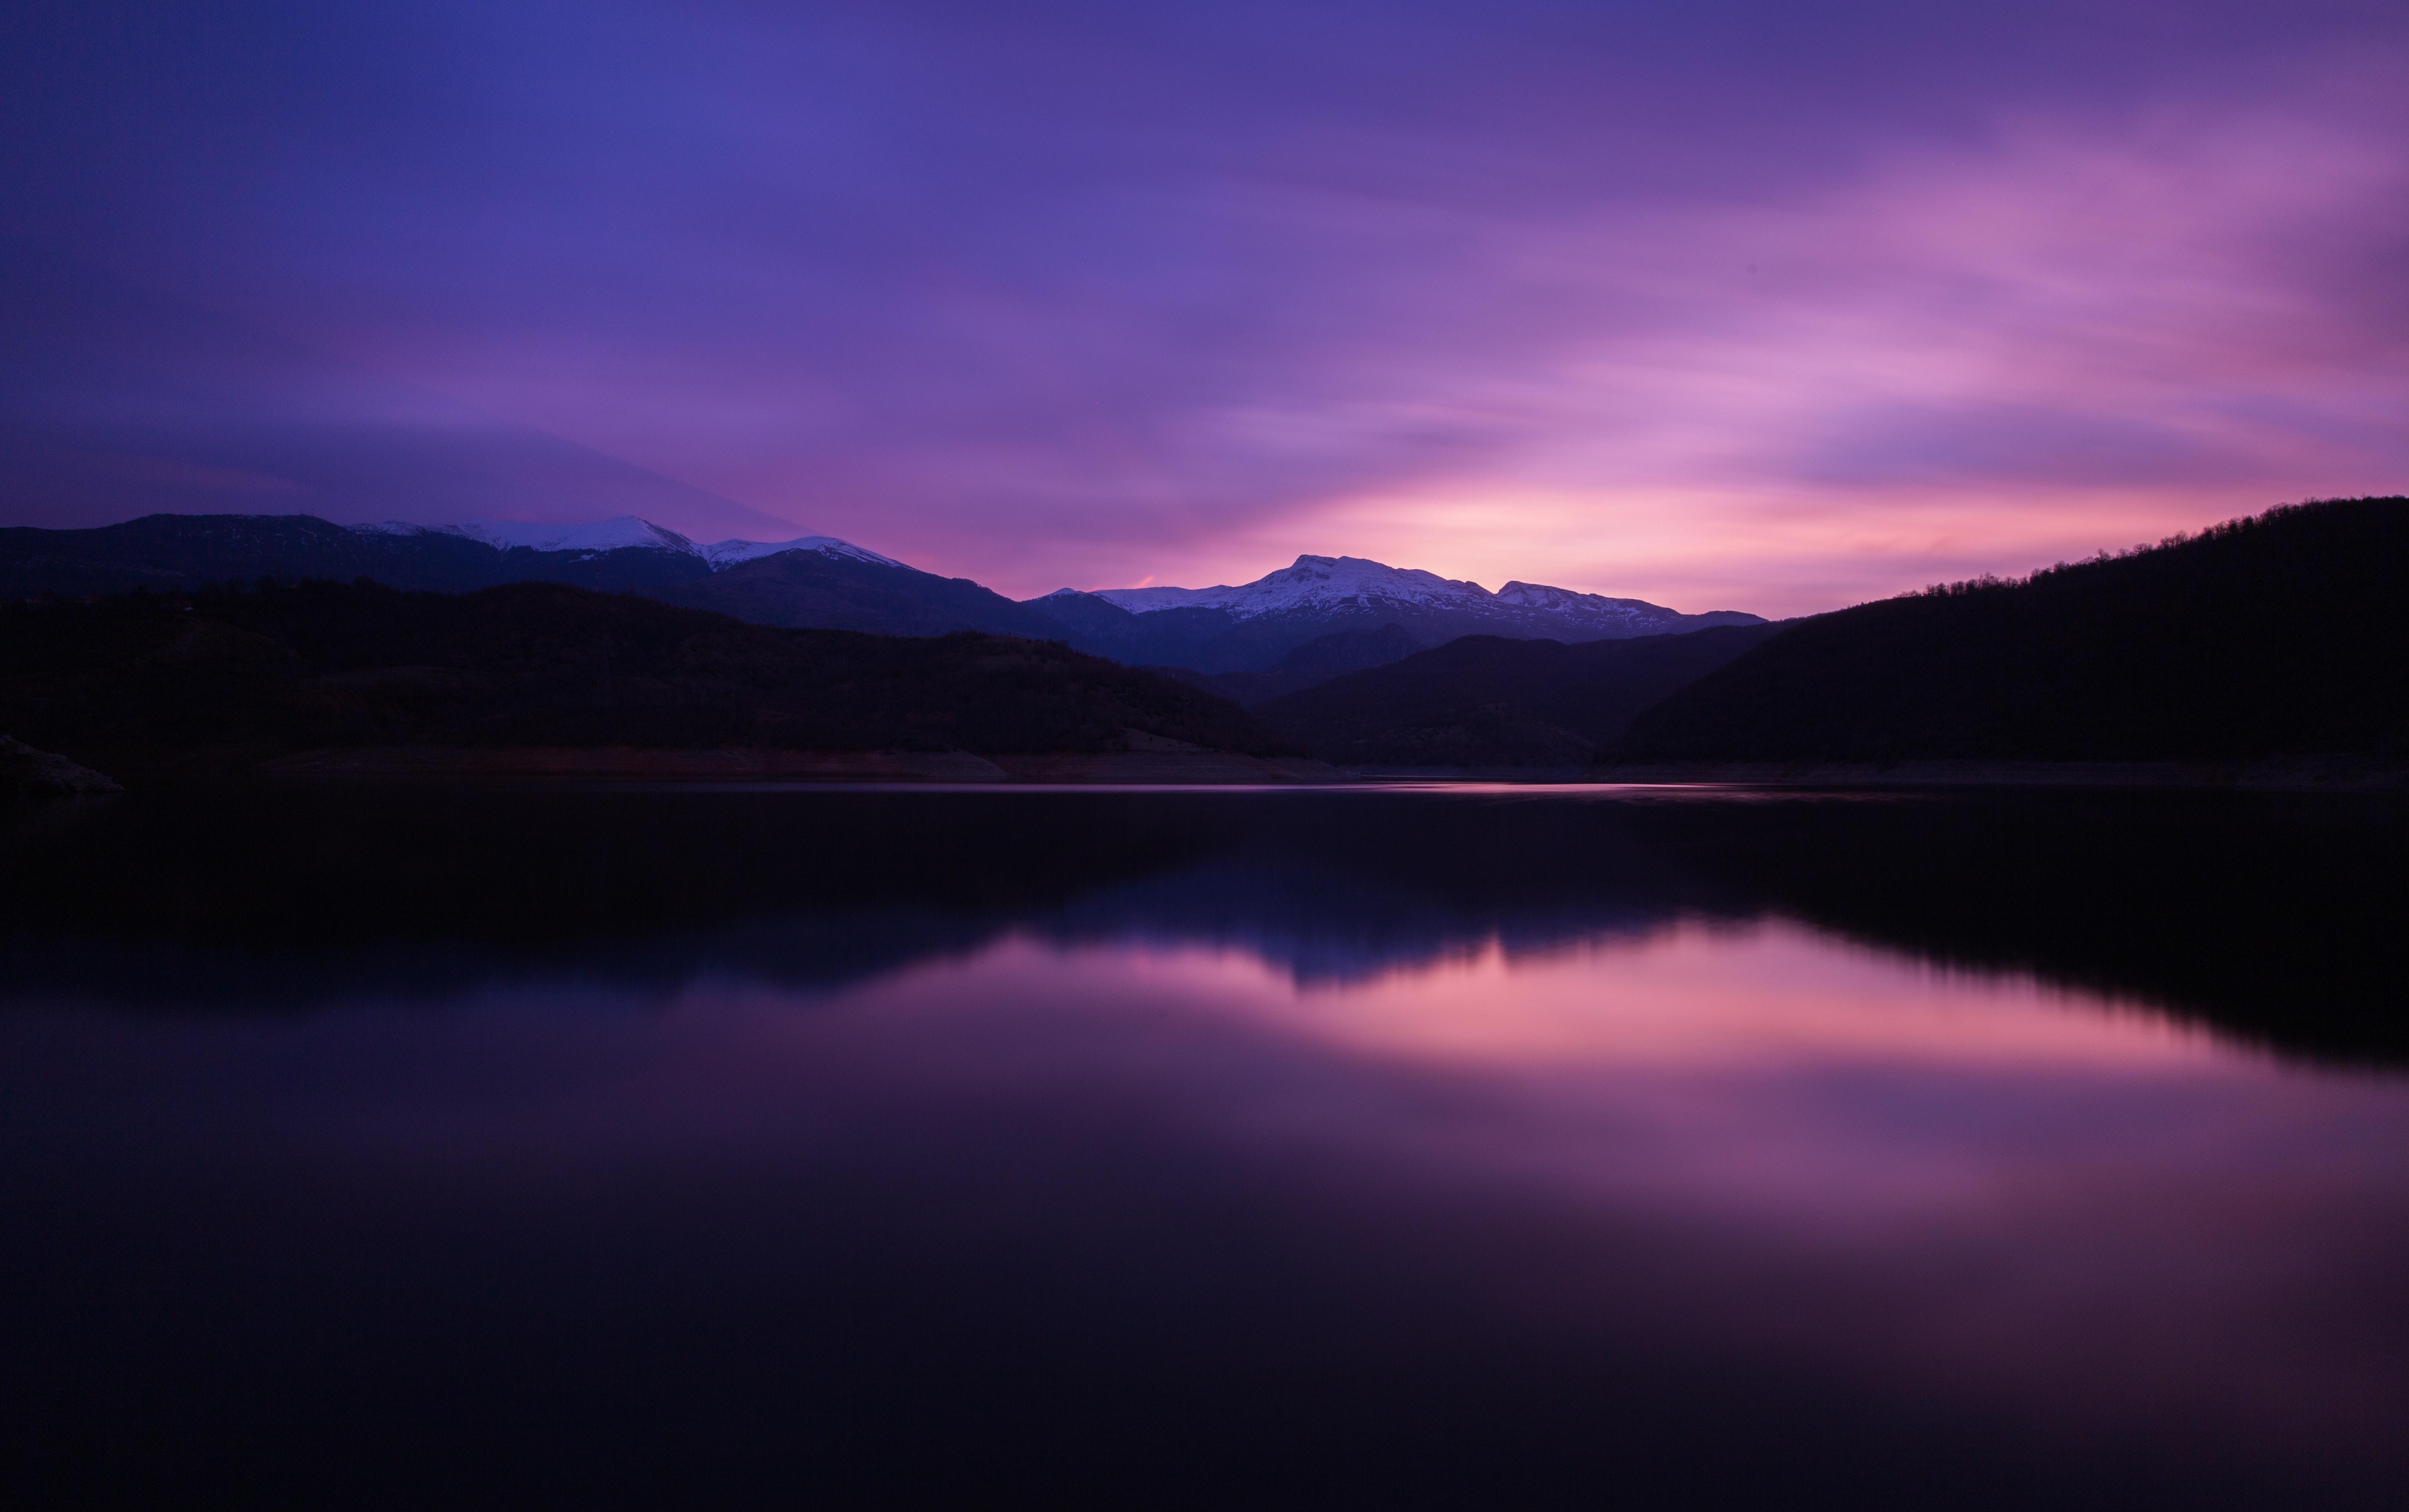 57587 скачать обои Ночь, Природа, Горы, Озеро, Отражение - заставки и картинки бесплатно